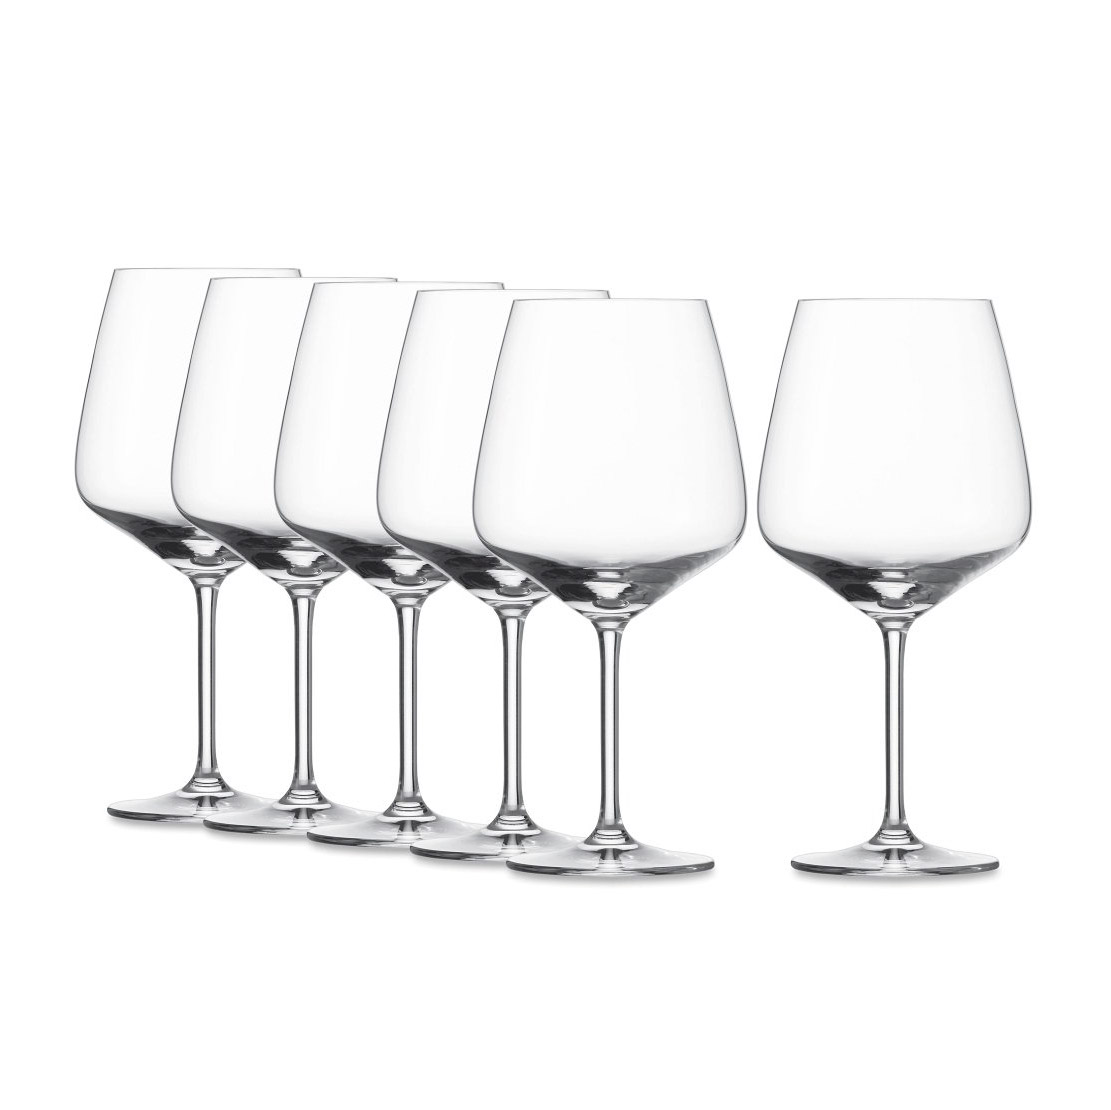 Фото - Набор бокалов для красного вина Schott Zwiesel Taste 782 мл 6 шт набор бокалов для красного вина schott zwiesel prizma 561 мл 6 шт